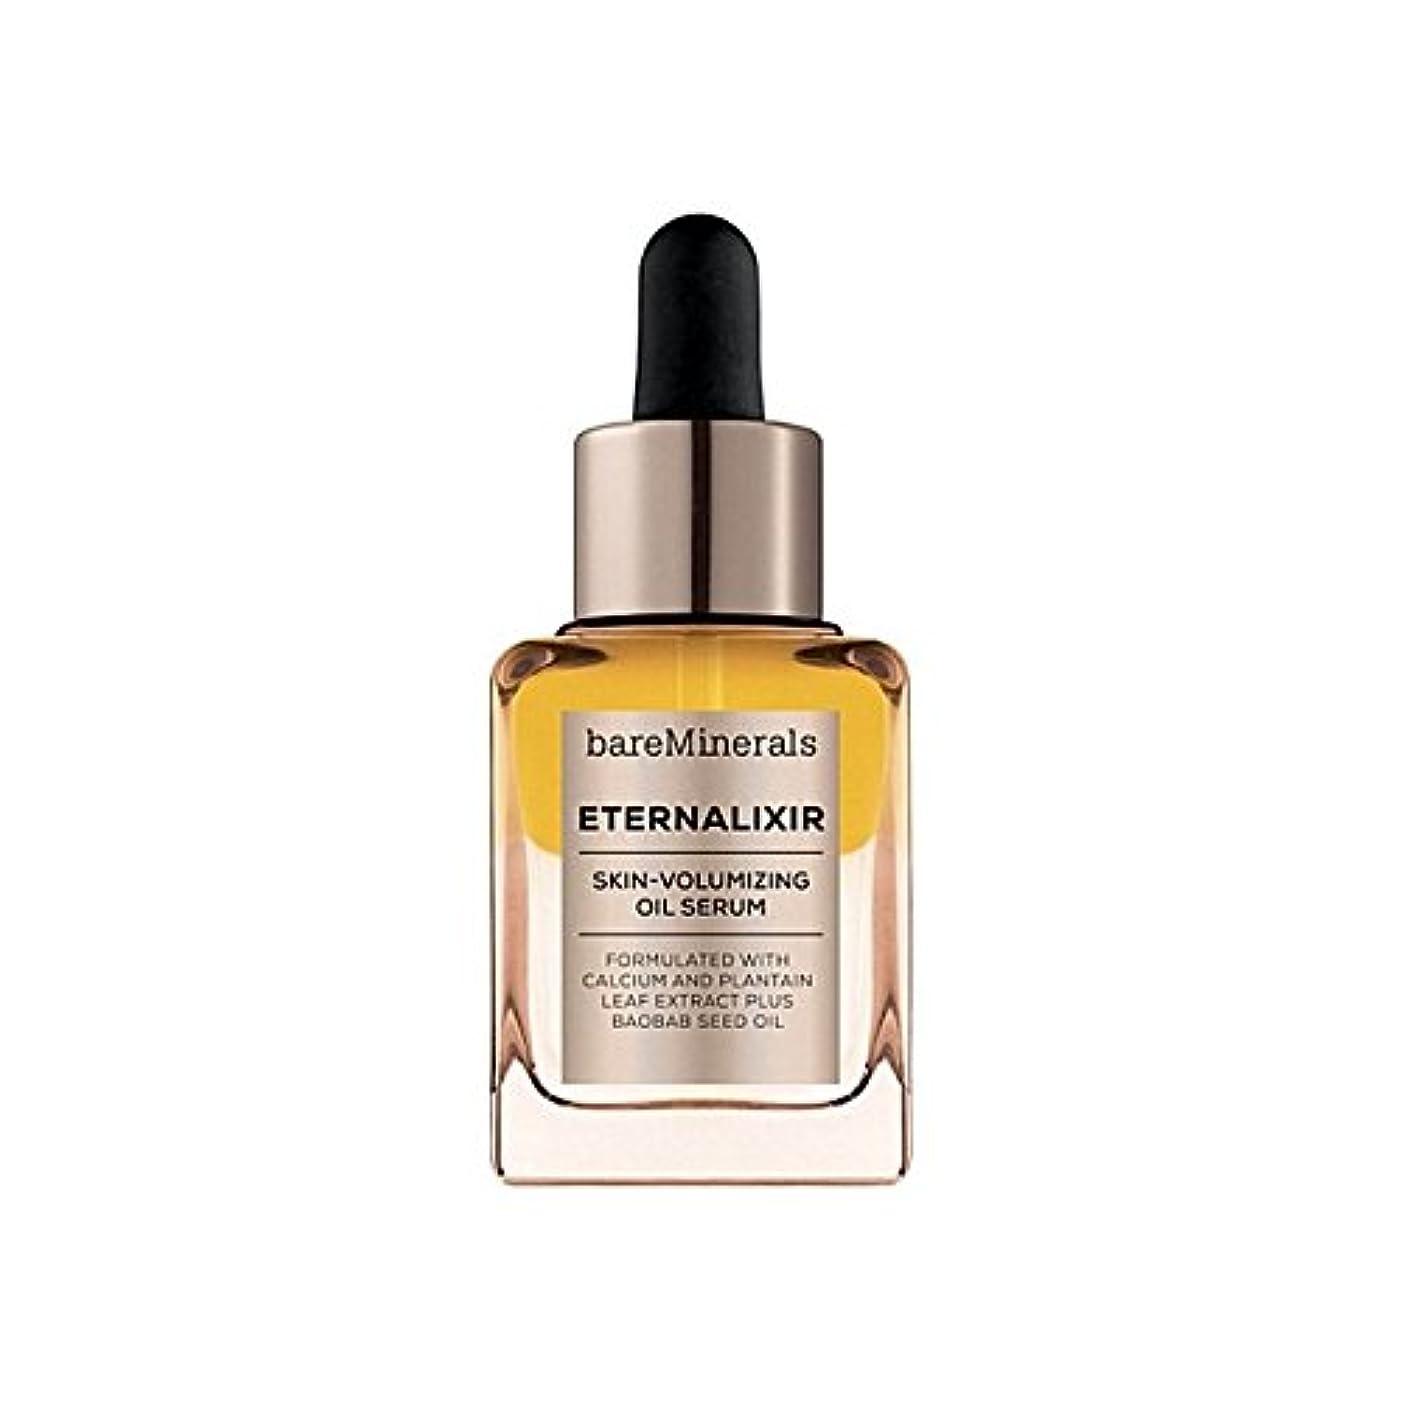 雑品ラリーベルモント無人ベアミネラル皮膚オイルセラム30 x4 - Bare Minerals Externalixir Skin Volumising Oil Serum 30Ml (Pack of 4) [並行輸入品]